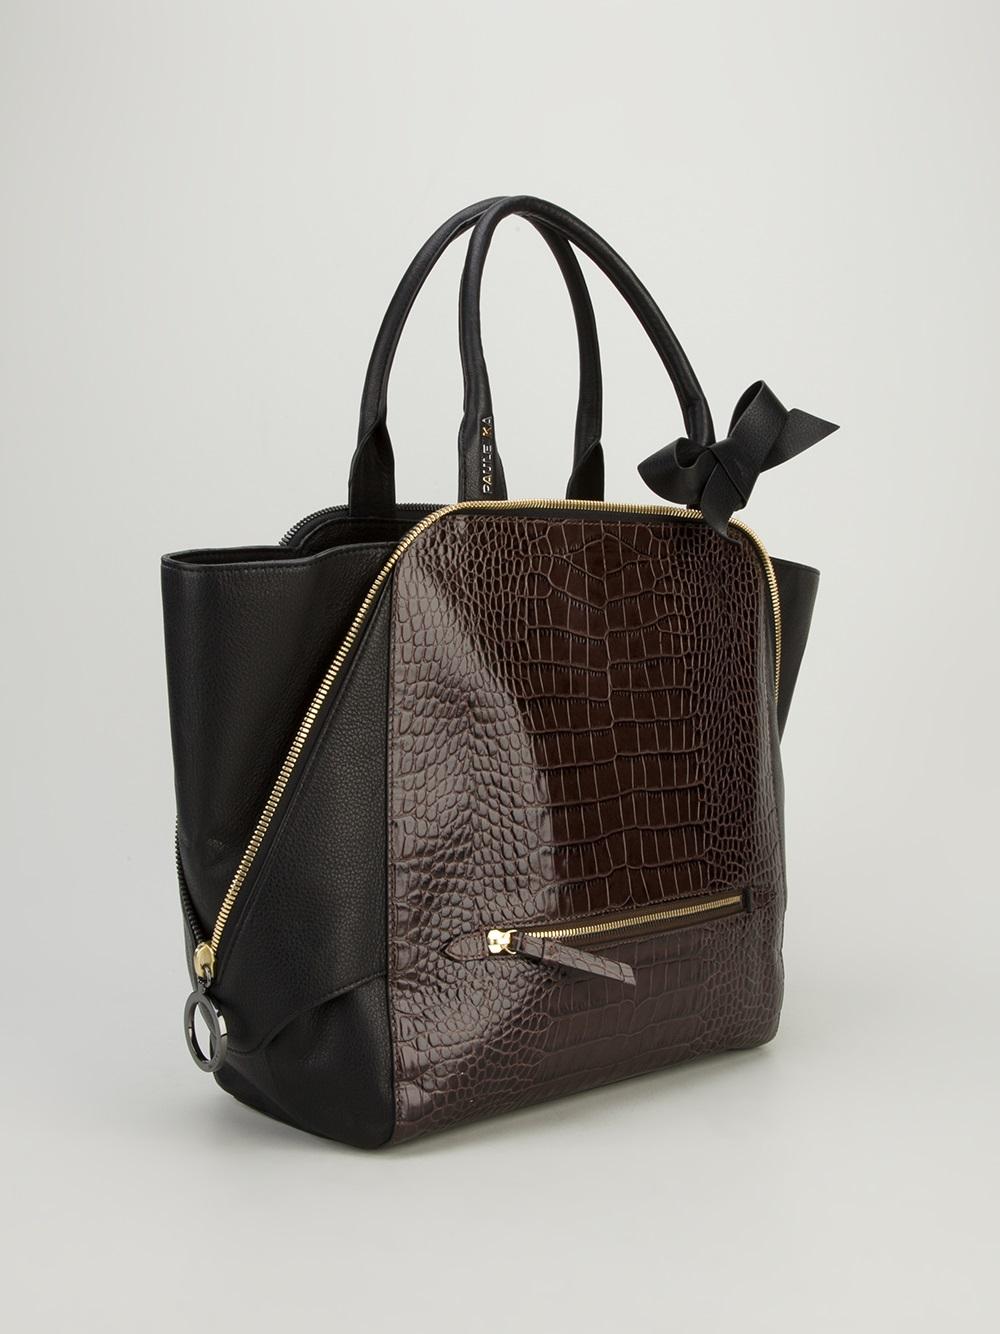 Paule Ka Tote Bag in Brown